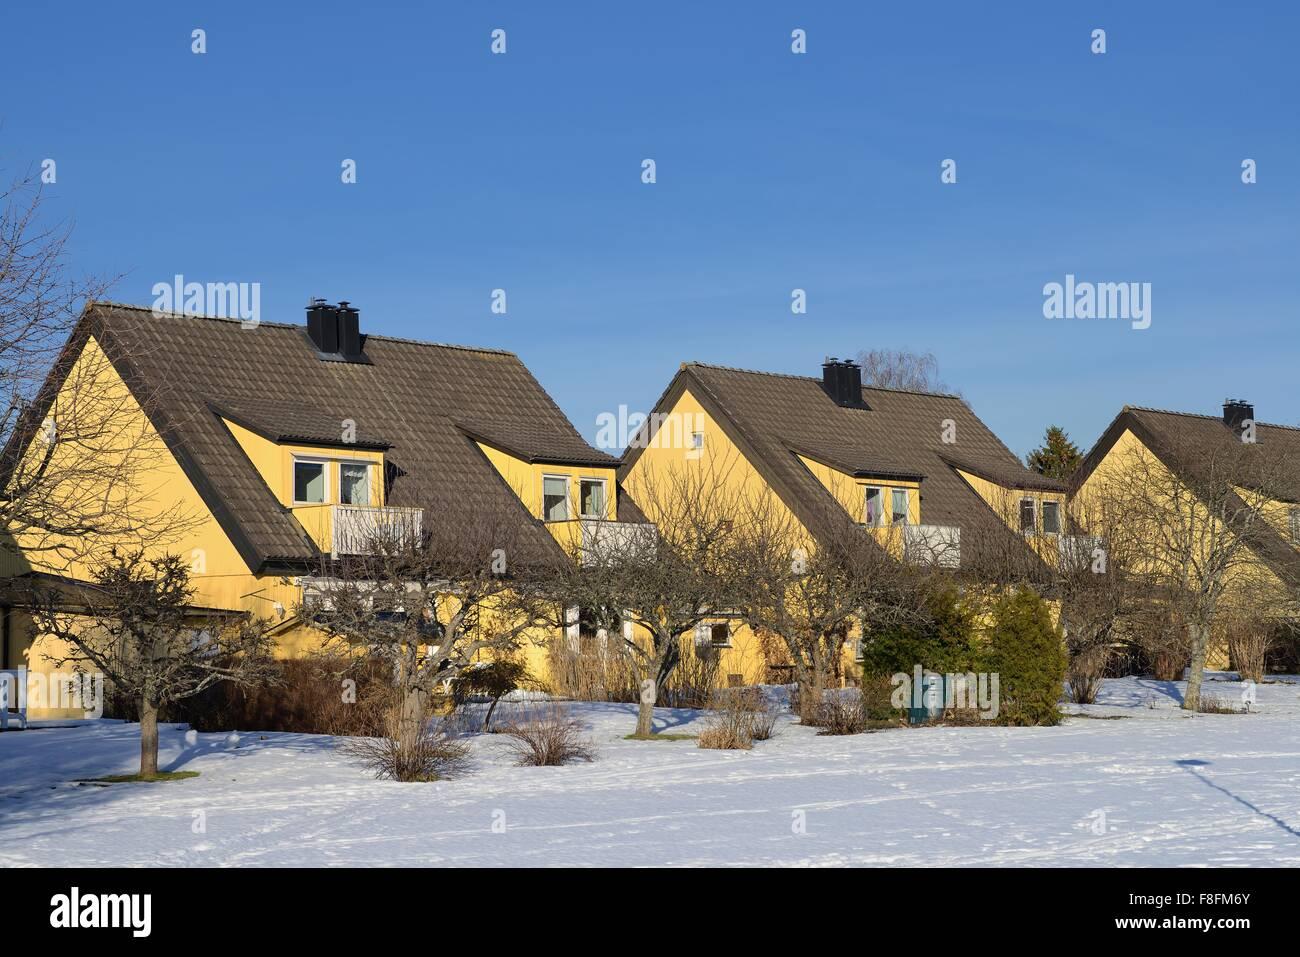 Generic Swedish house. - Stock Image